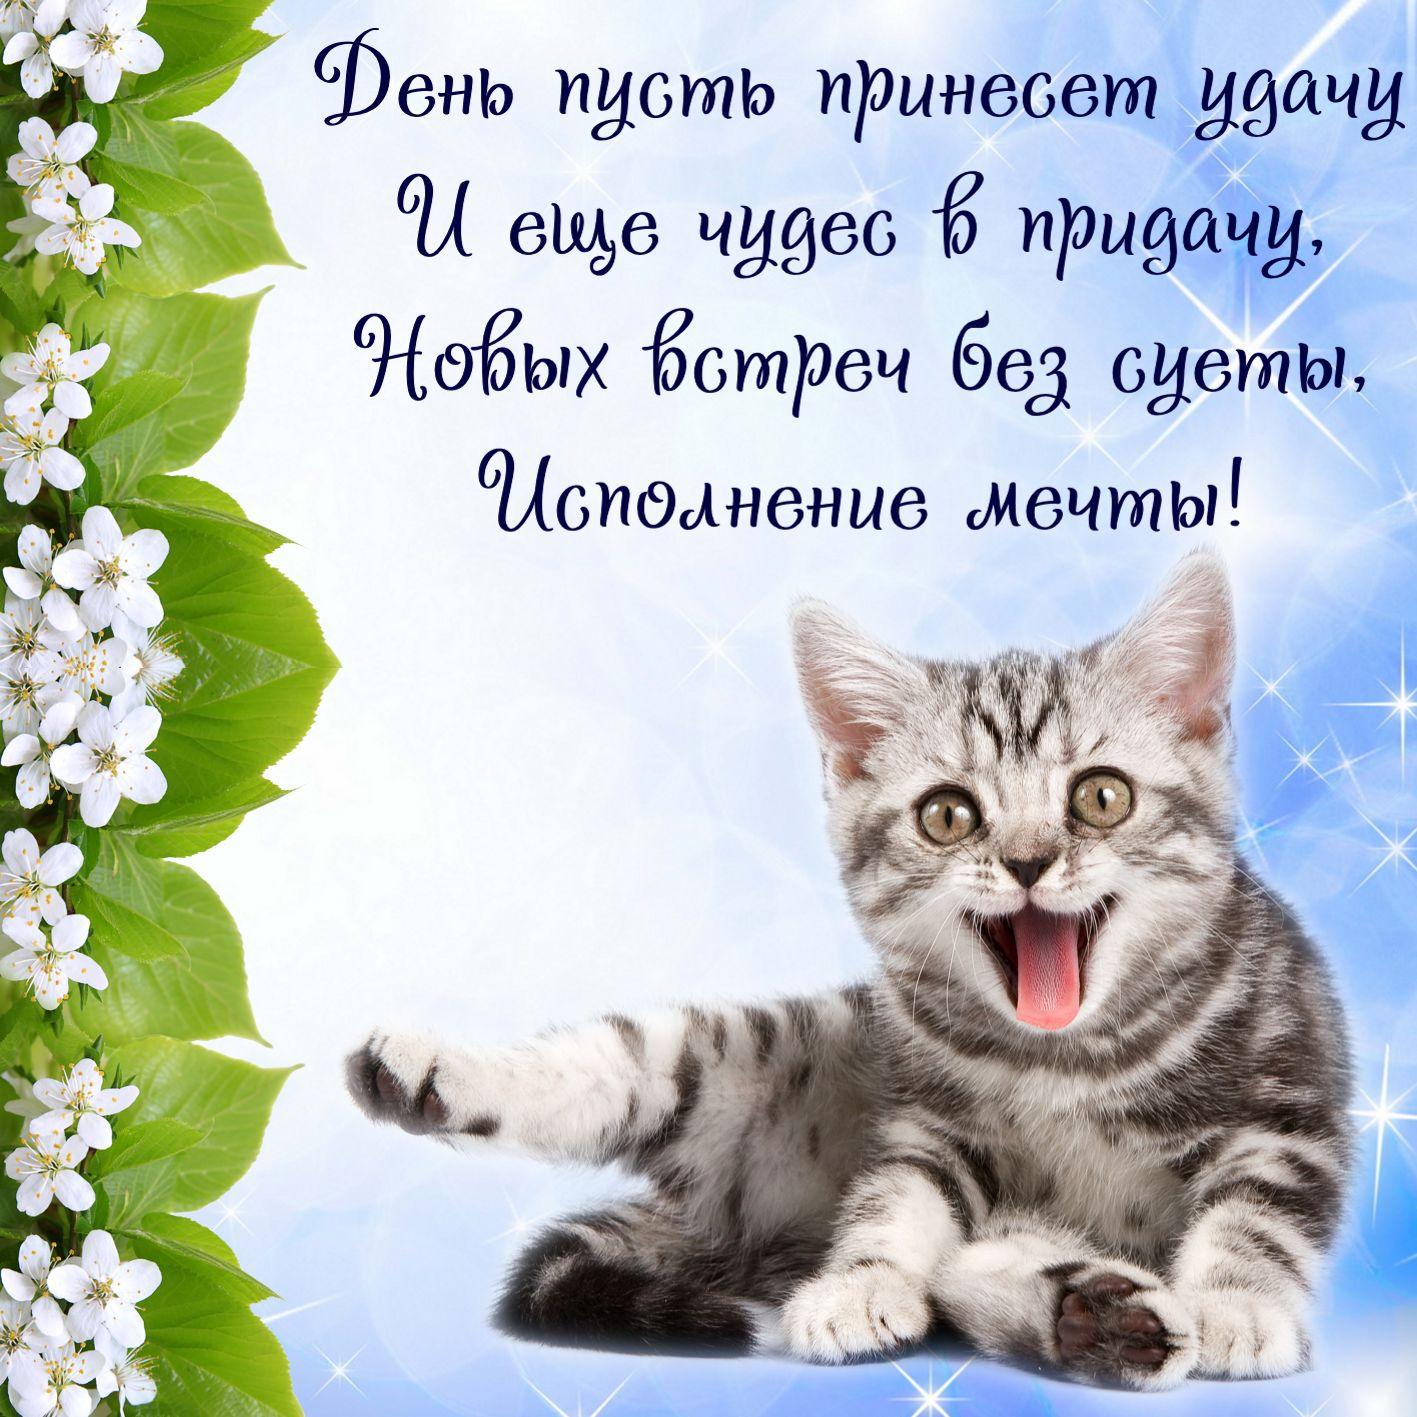 пожелания успеха удачи веселые стихи и картинки любой приворот